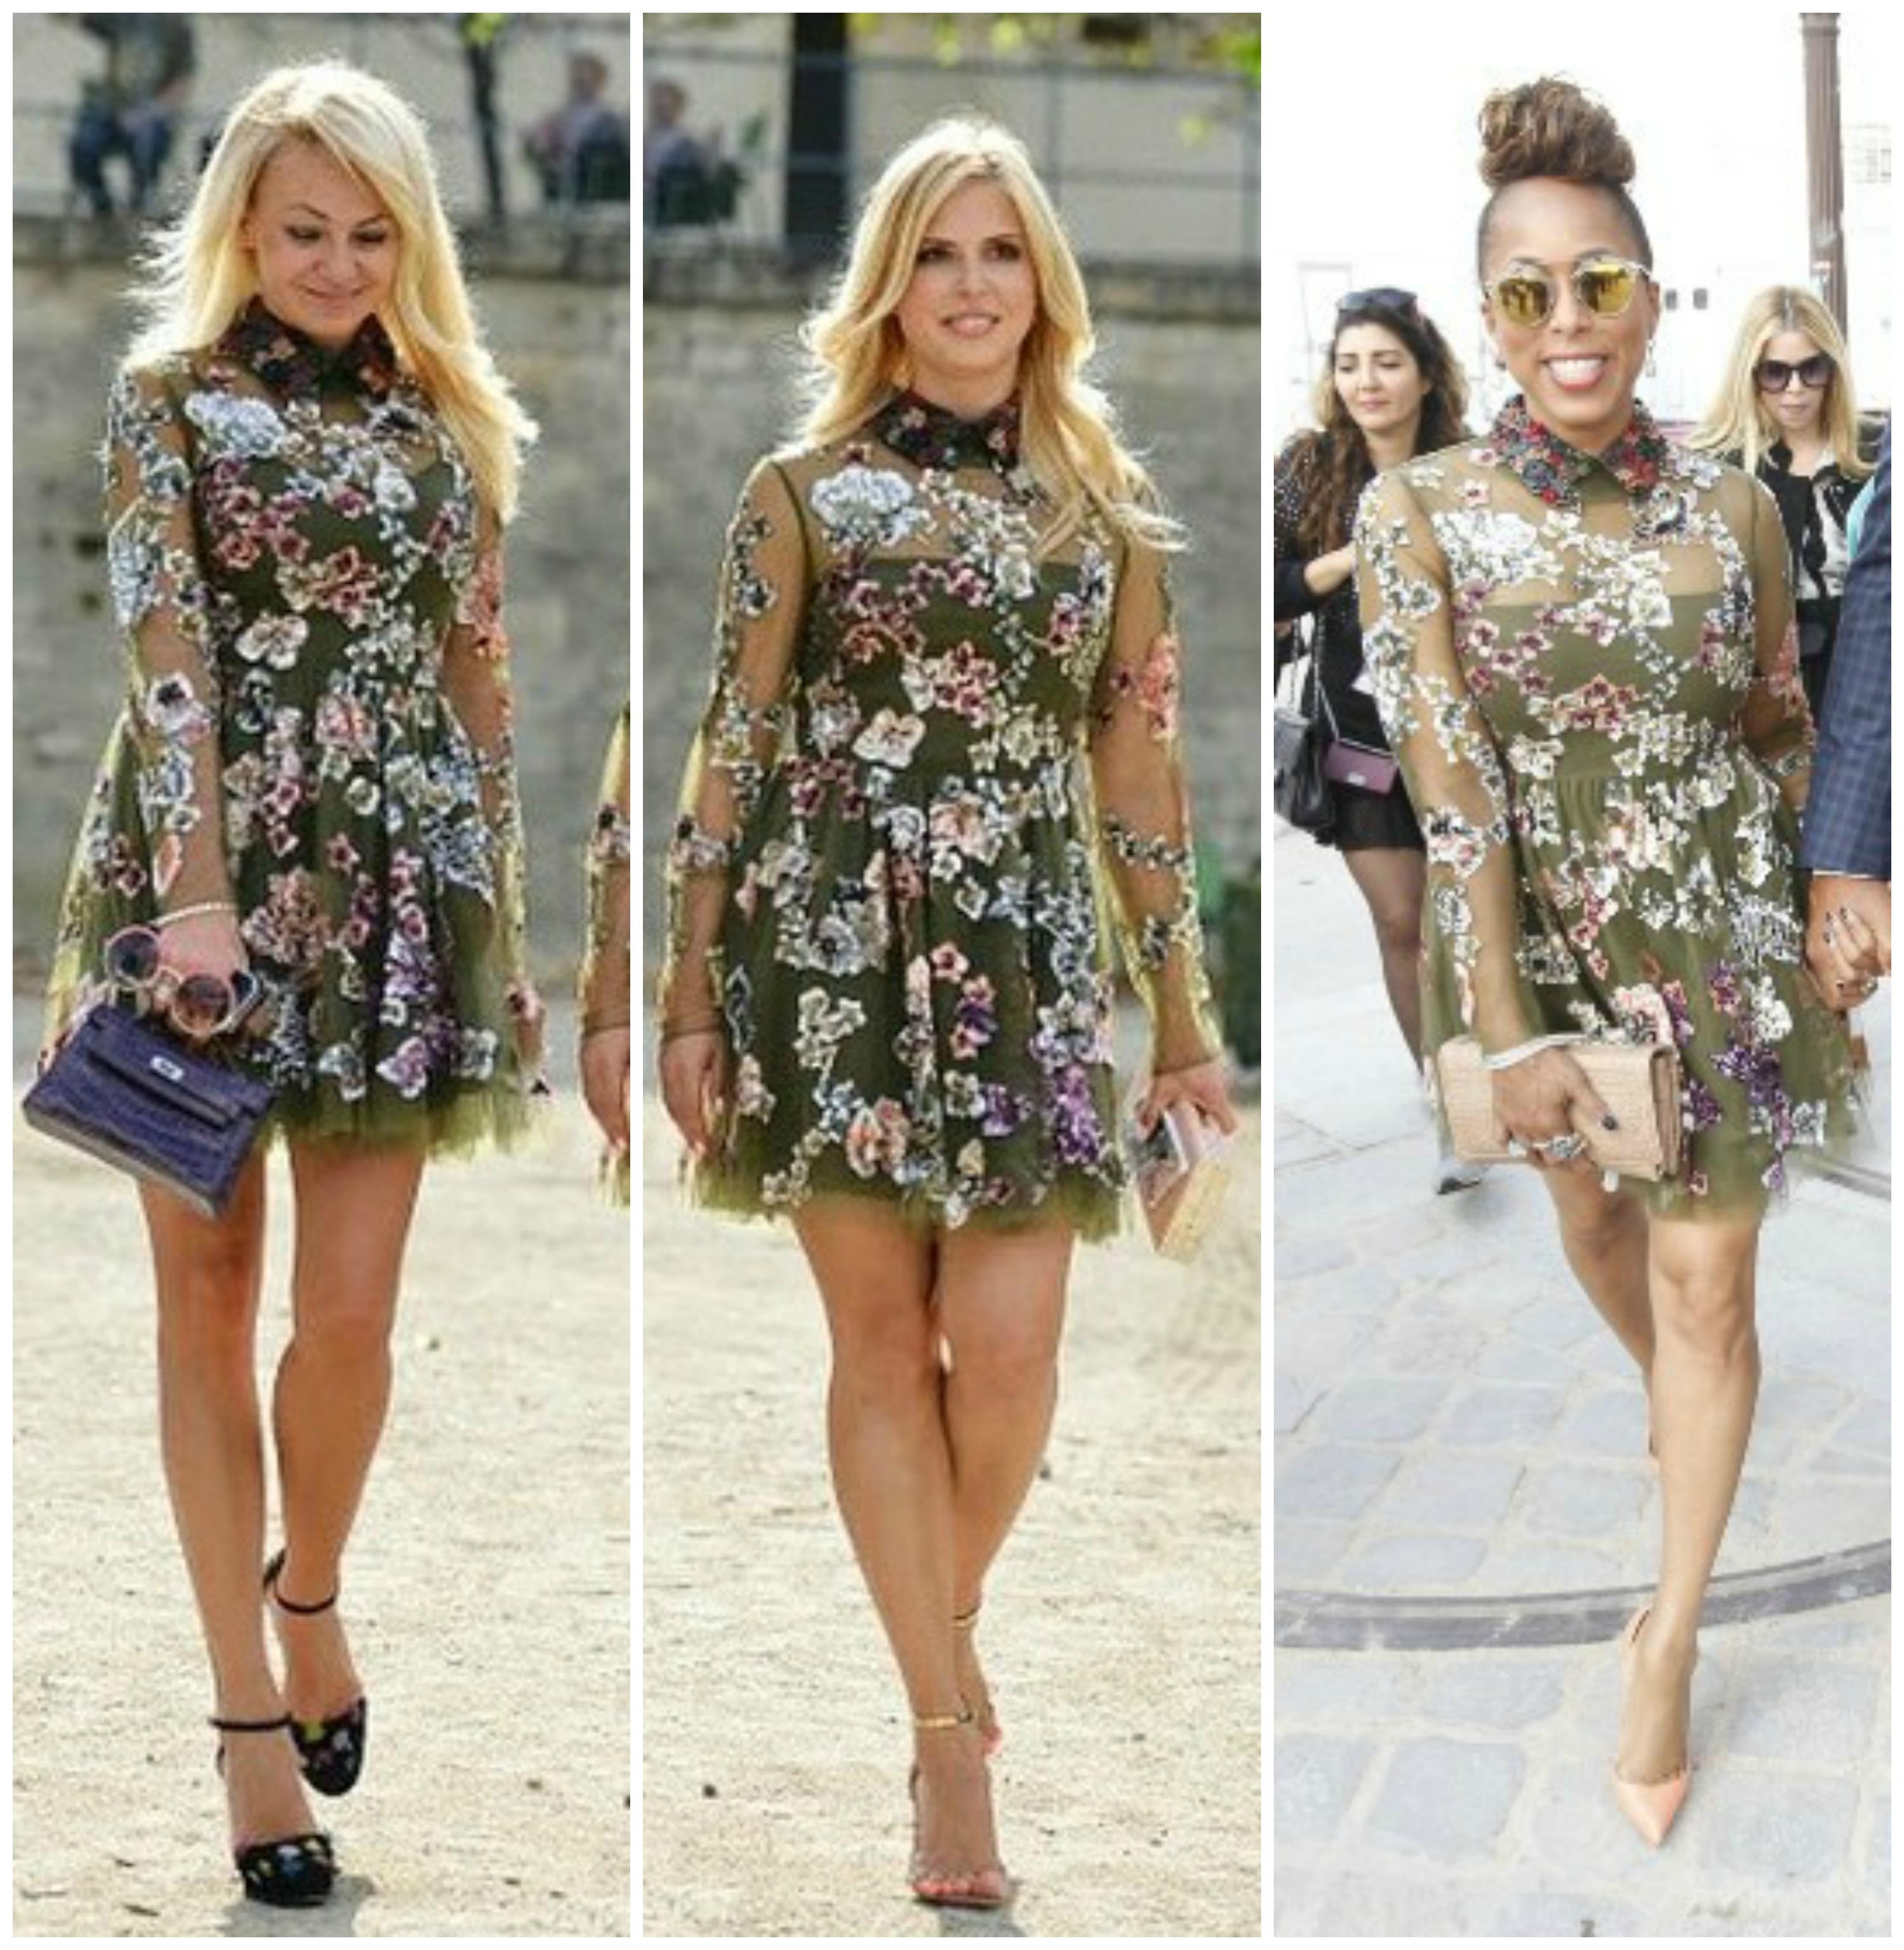 Оливковое платье понравилось сразу трем модницам: Яне Рудковской, Марии Богданович и Марджори Харви (слева направо)